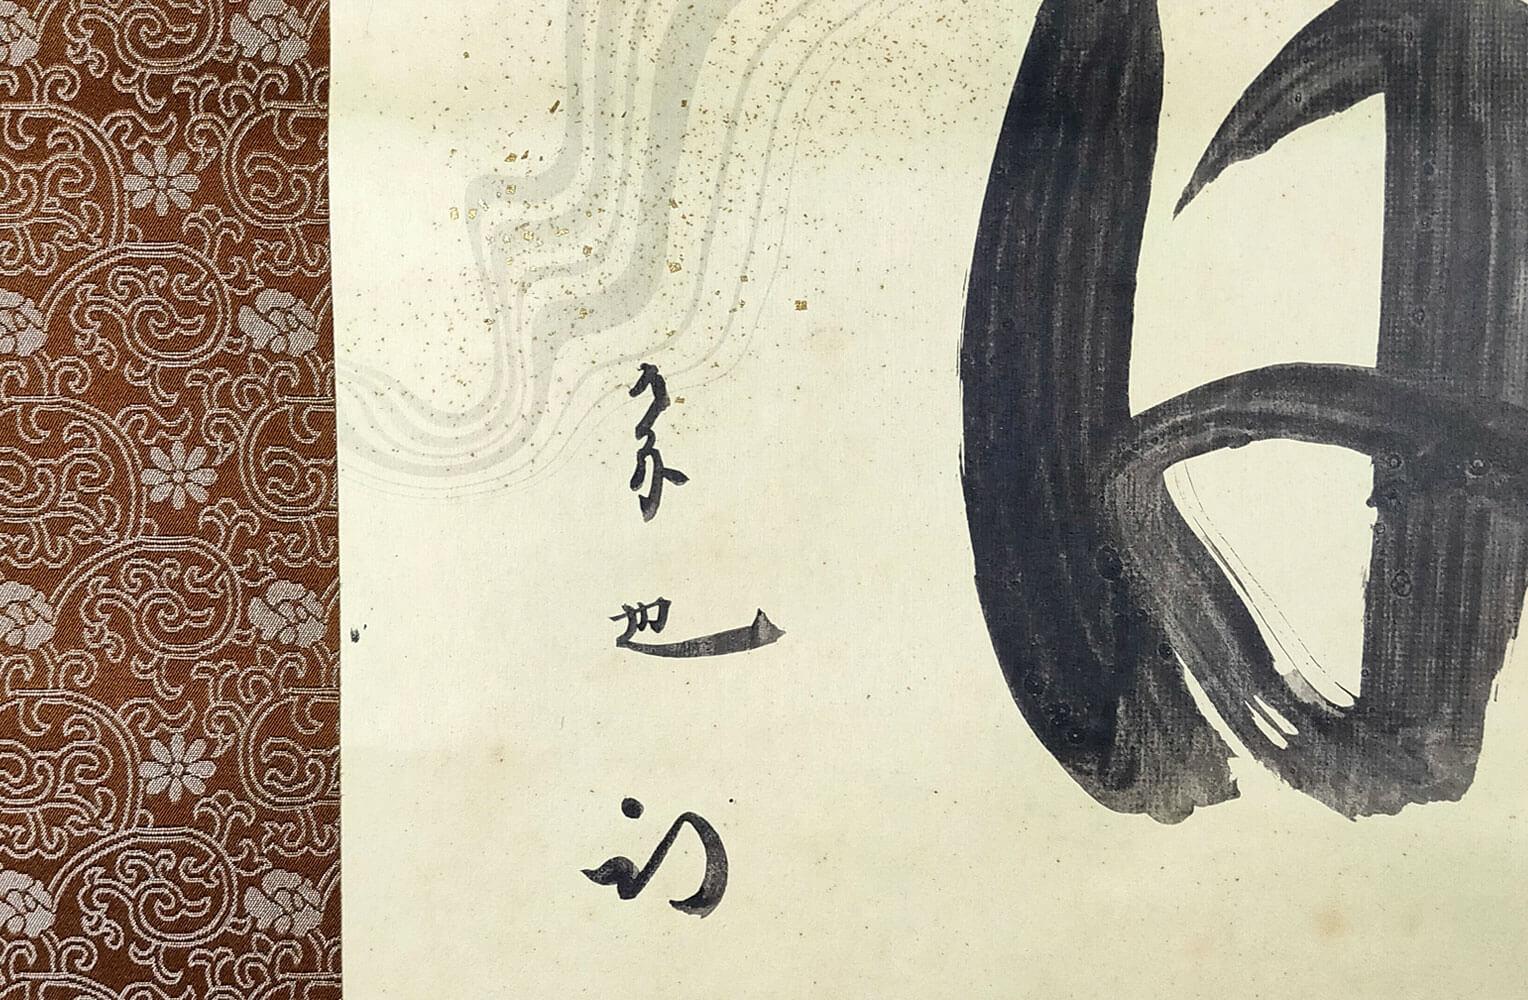 久田宗也 懐紙 『好日』掛け軸 商品アップ